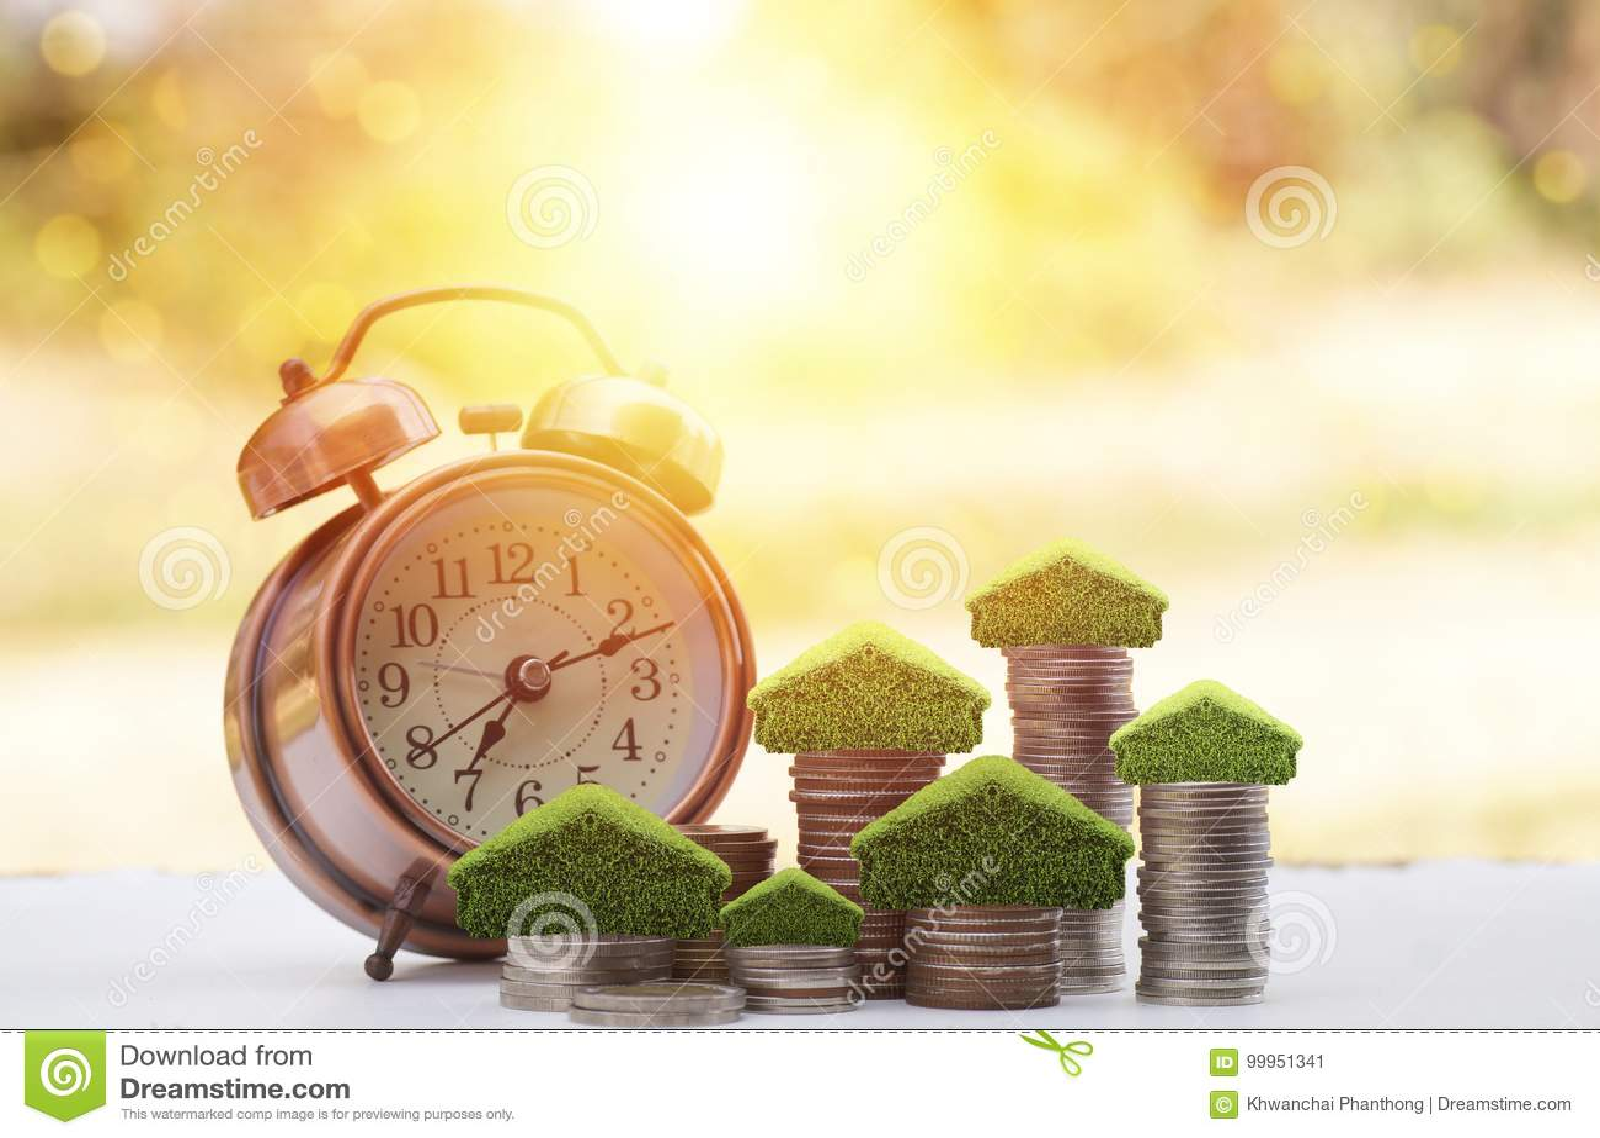 Dinero encendido apilado de monedas para ahorrar para la casa, el pequeño árbol y el hogar en pila con el despertador en la tabla